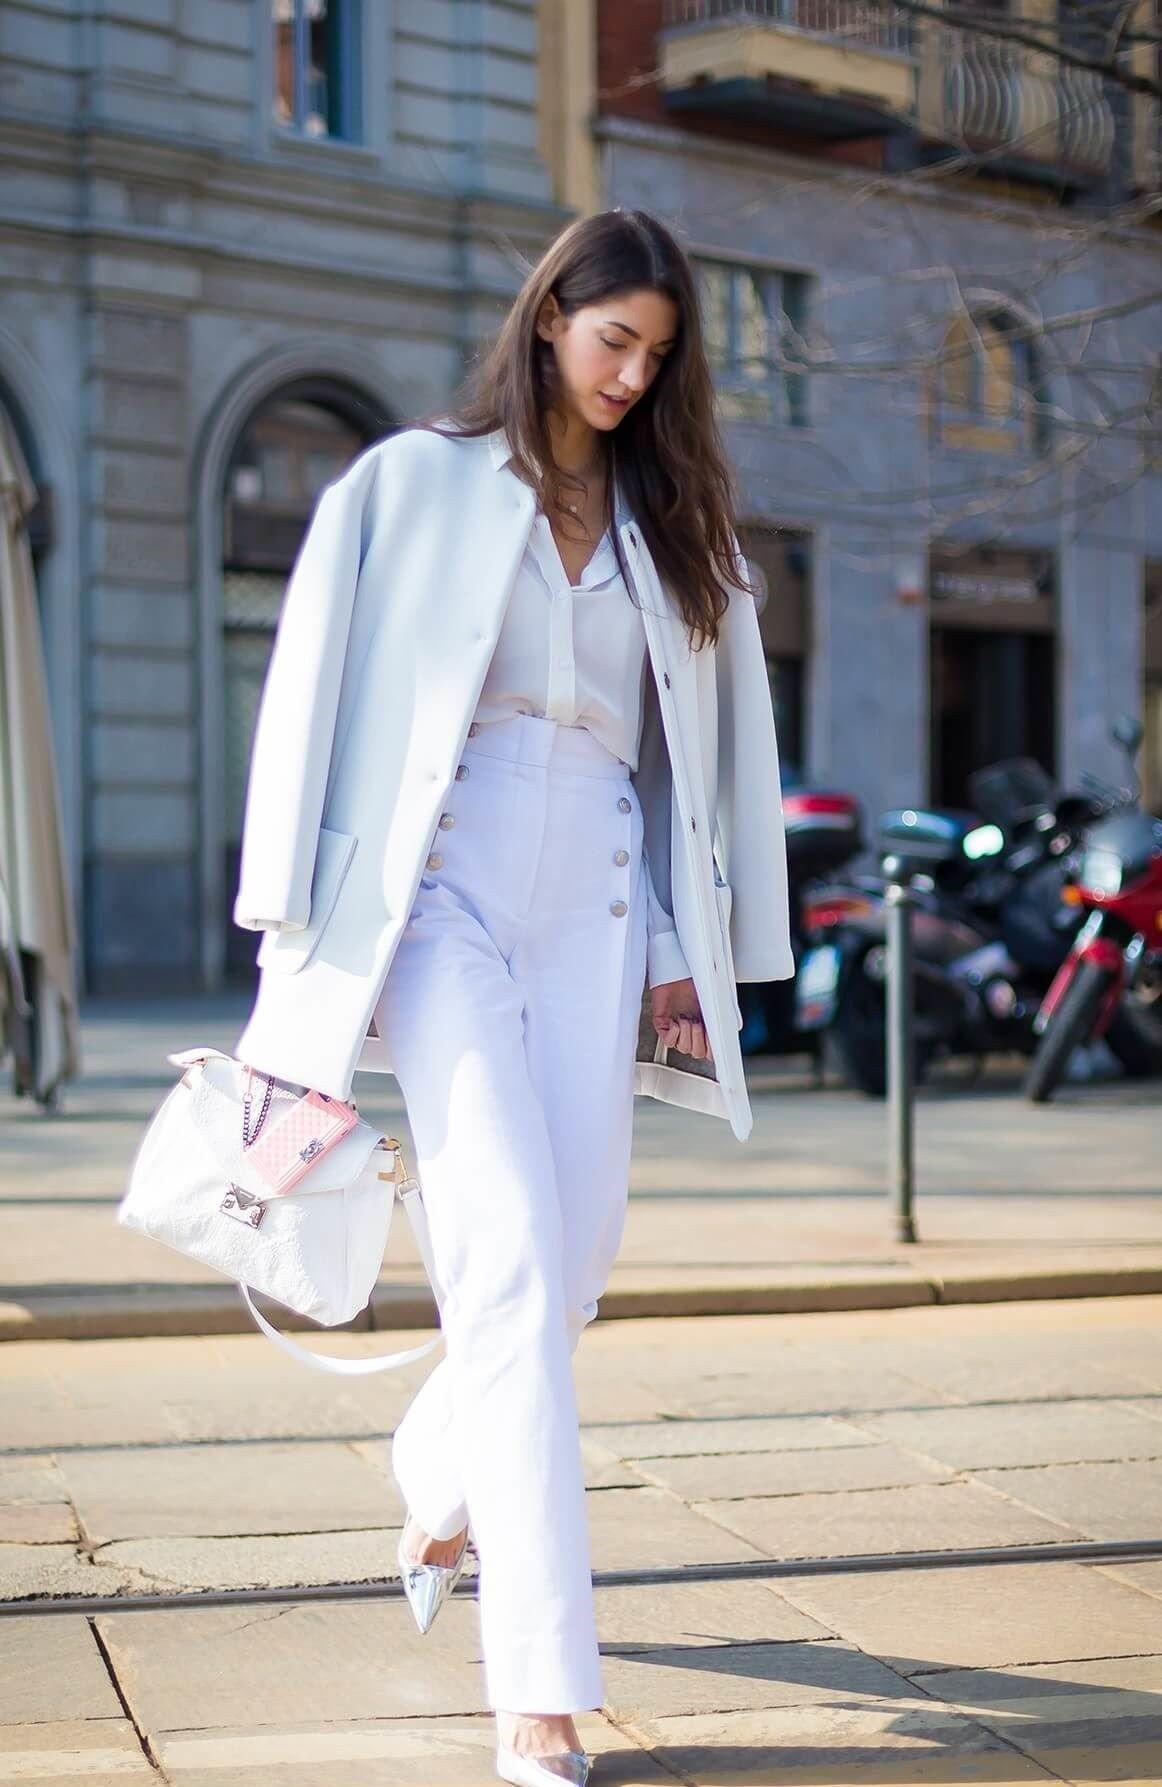 с чем носить брюки с высокой талией белое под пальто в цвет